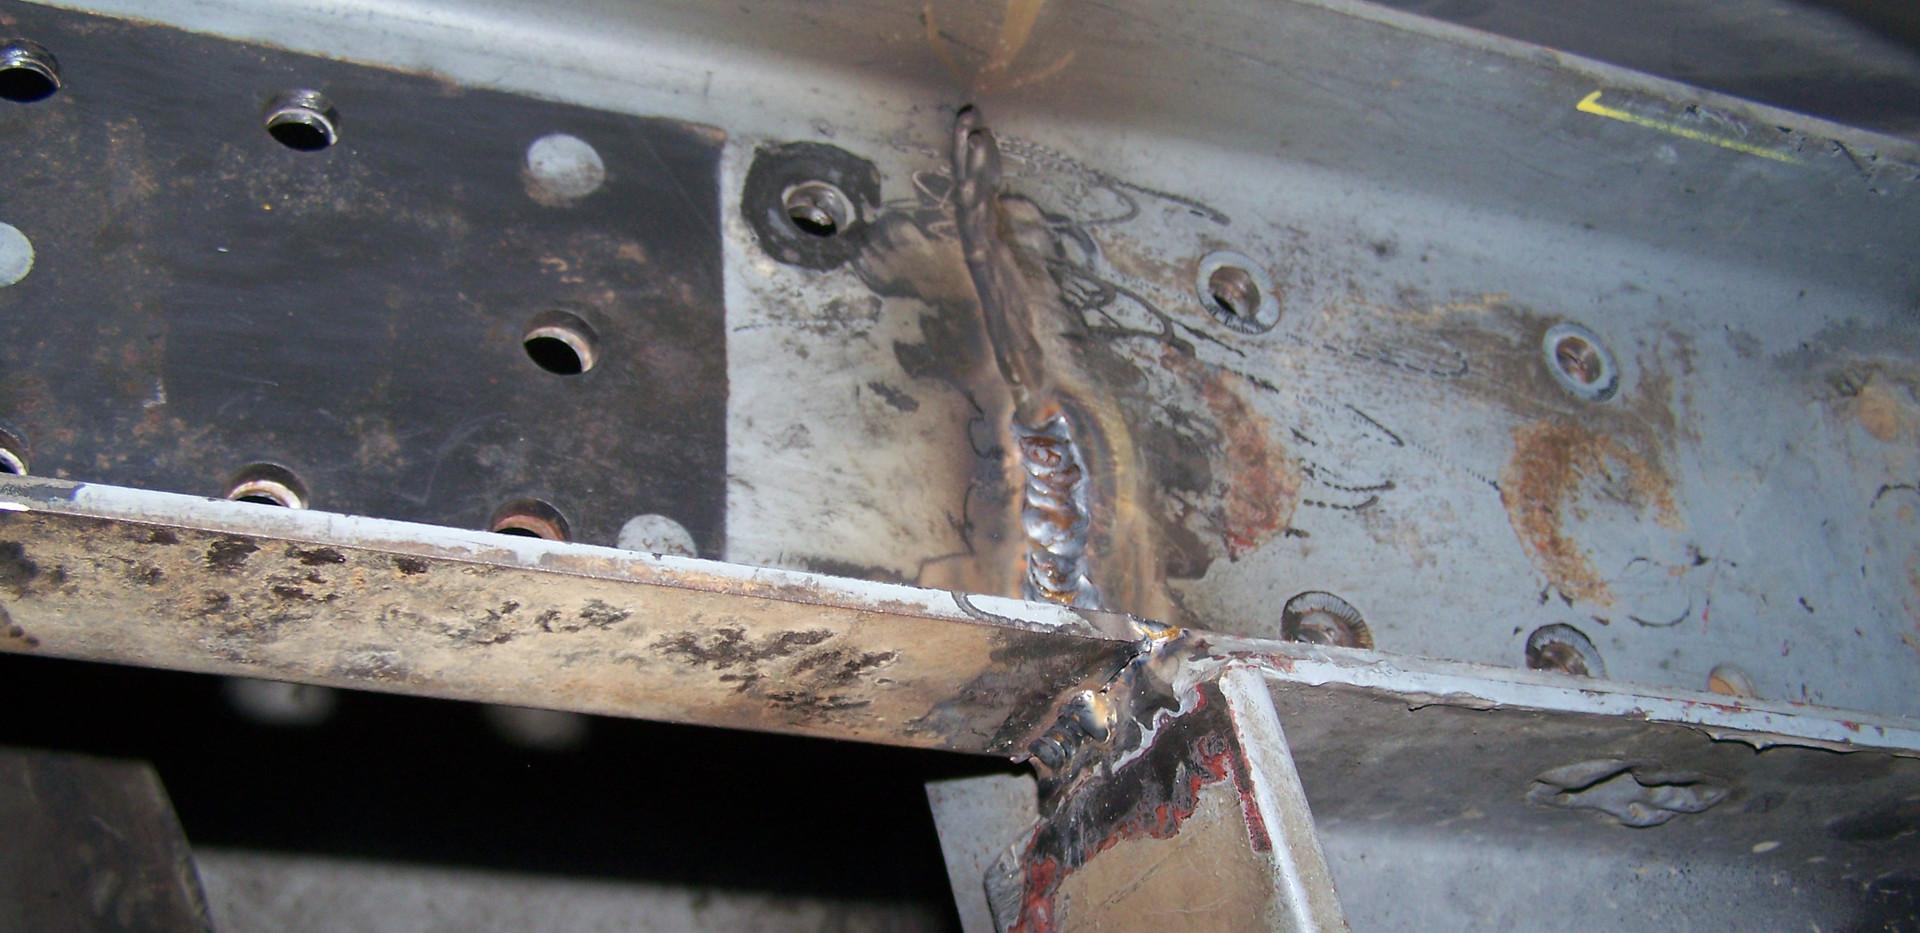 Chassis Repairs07.JPG